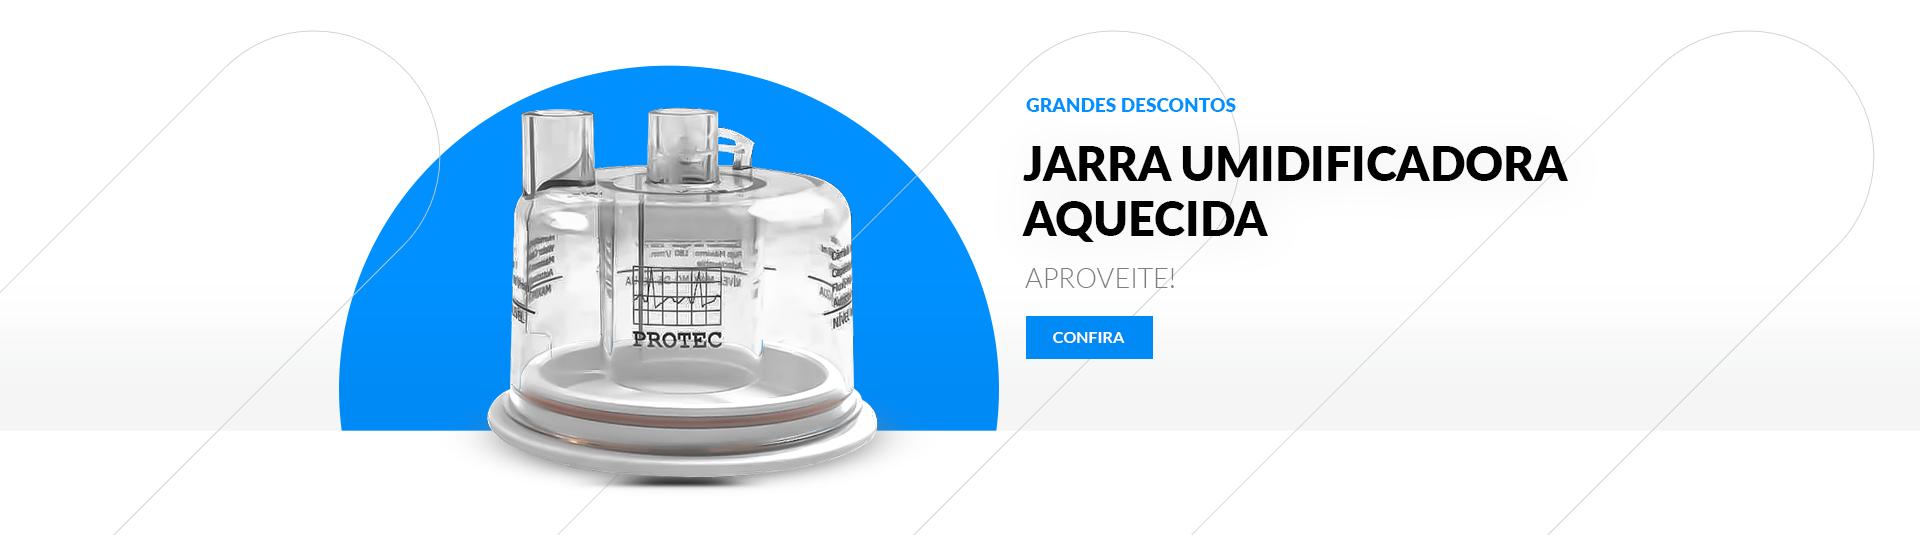 Jarra Umidificadora Aquecida Intermed Aut.134 - Protec